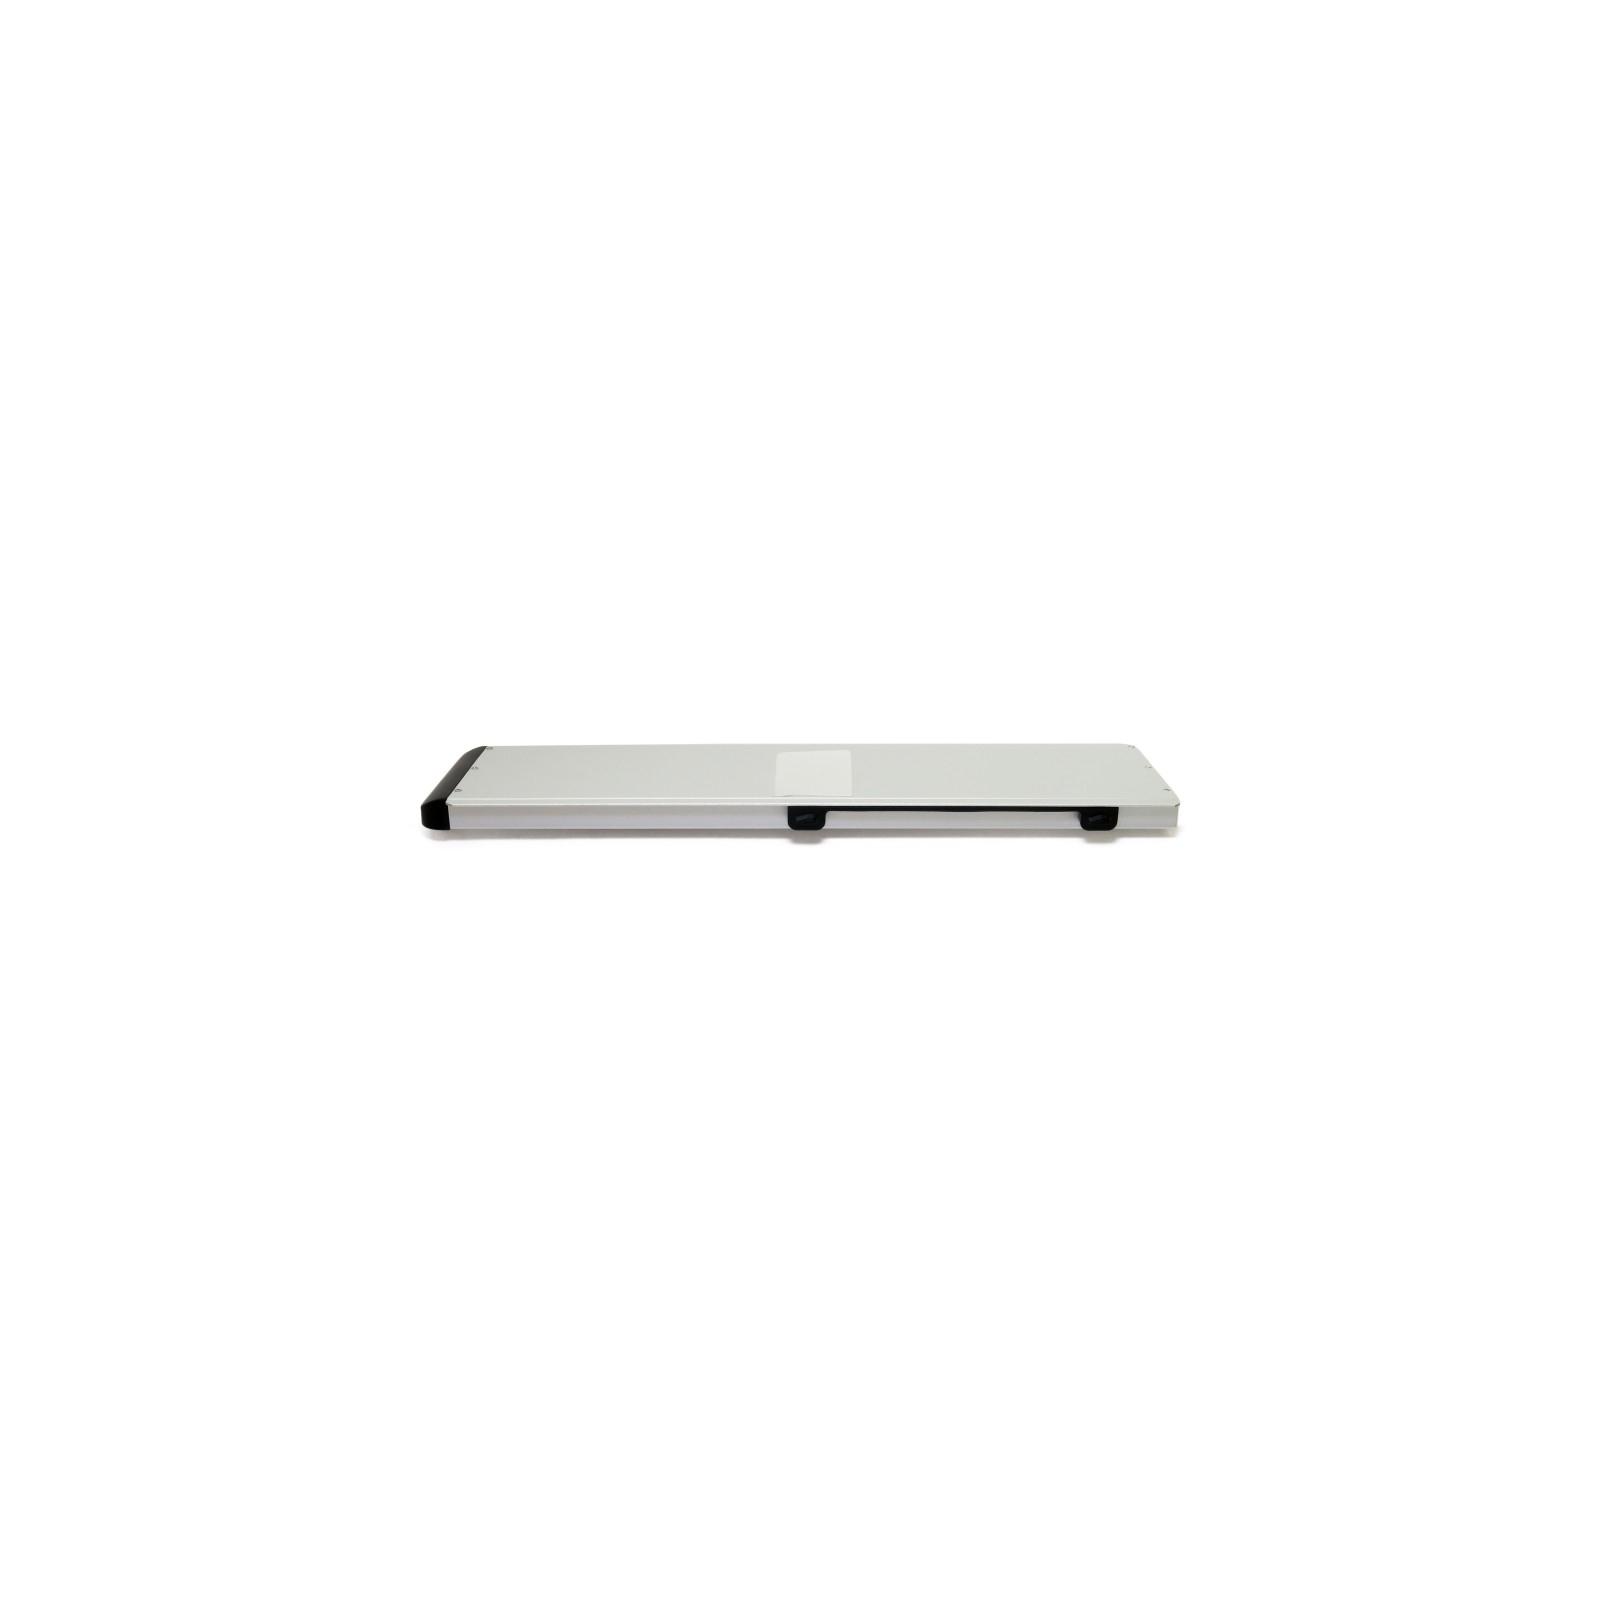 Аккумулятор для ноутбука APPLE A1281 (5400 mAh) EXTRADIGITAL (BNA3903) изображение 3